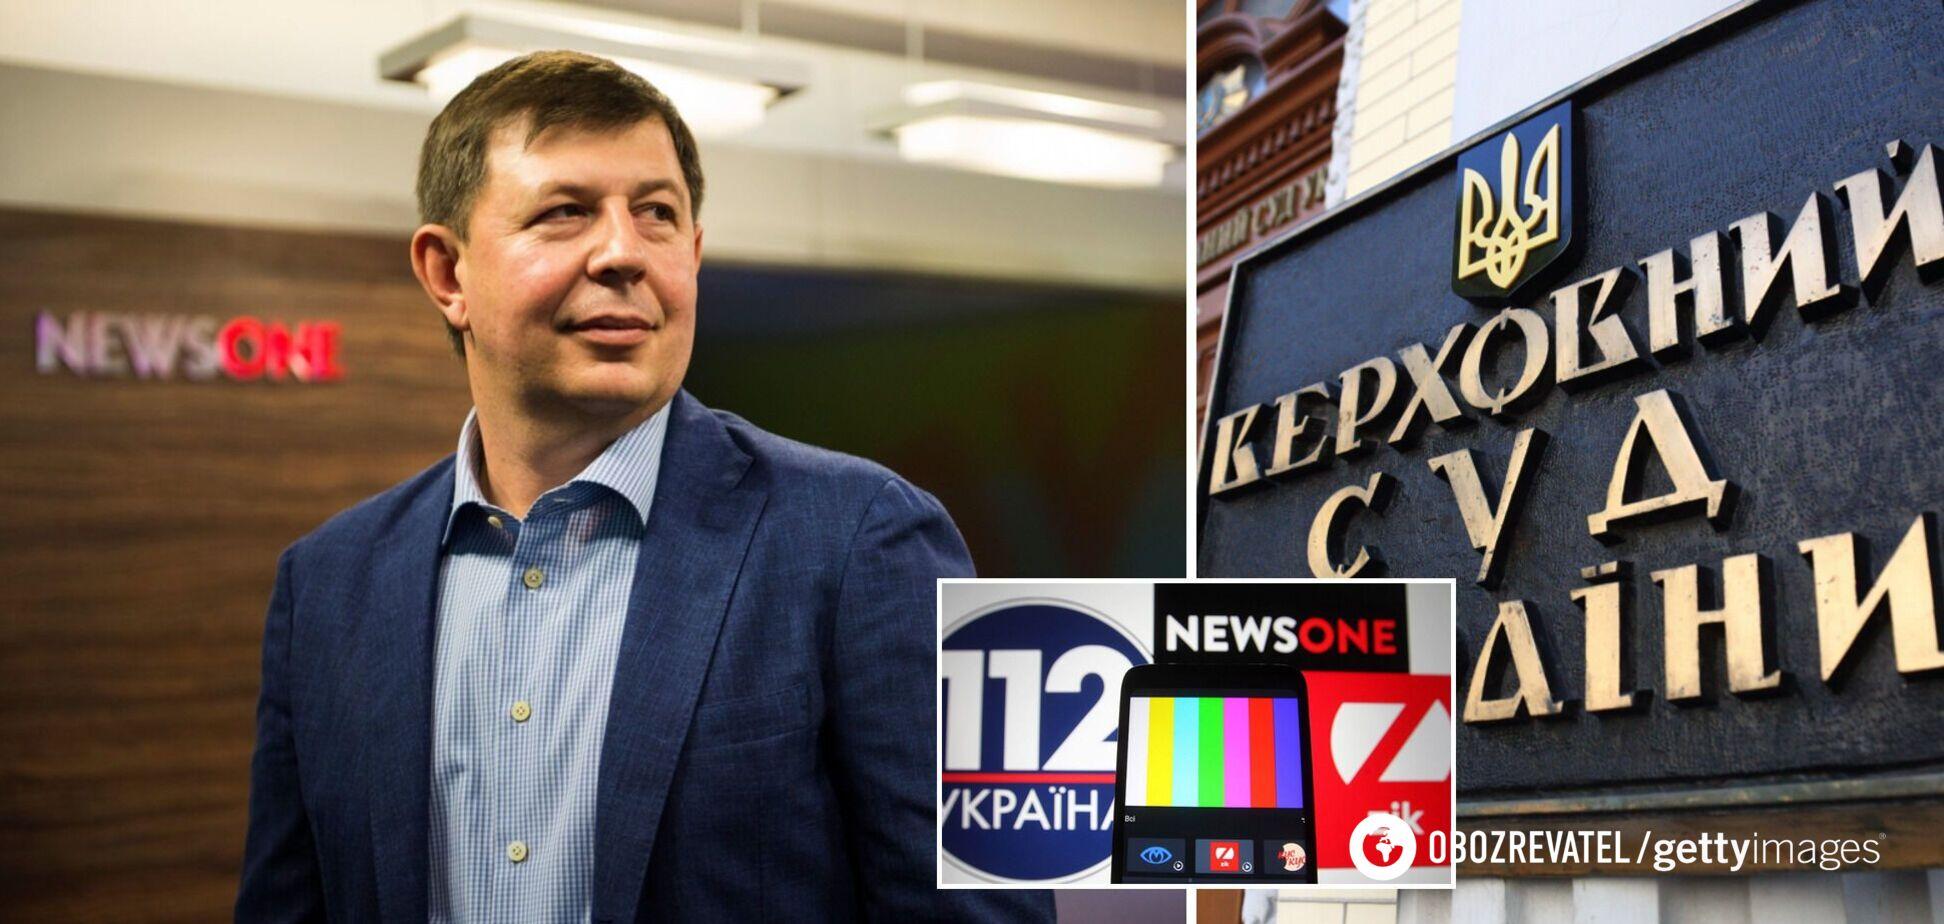 Козак подал иск в Верховный суд из-за санкций СНБО